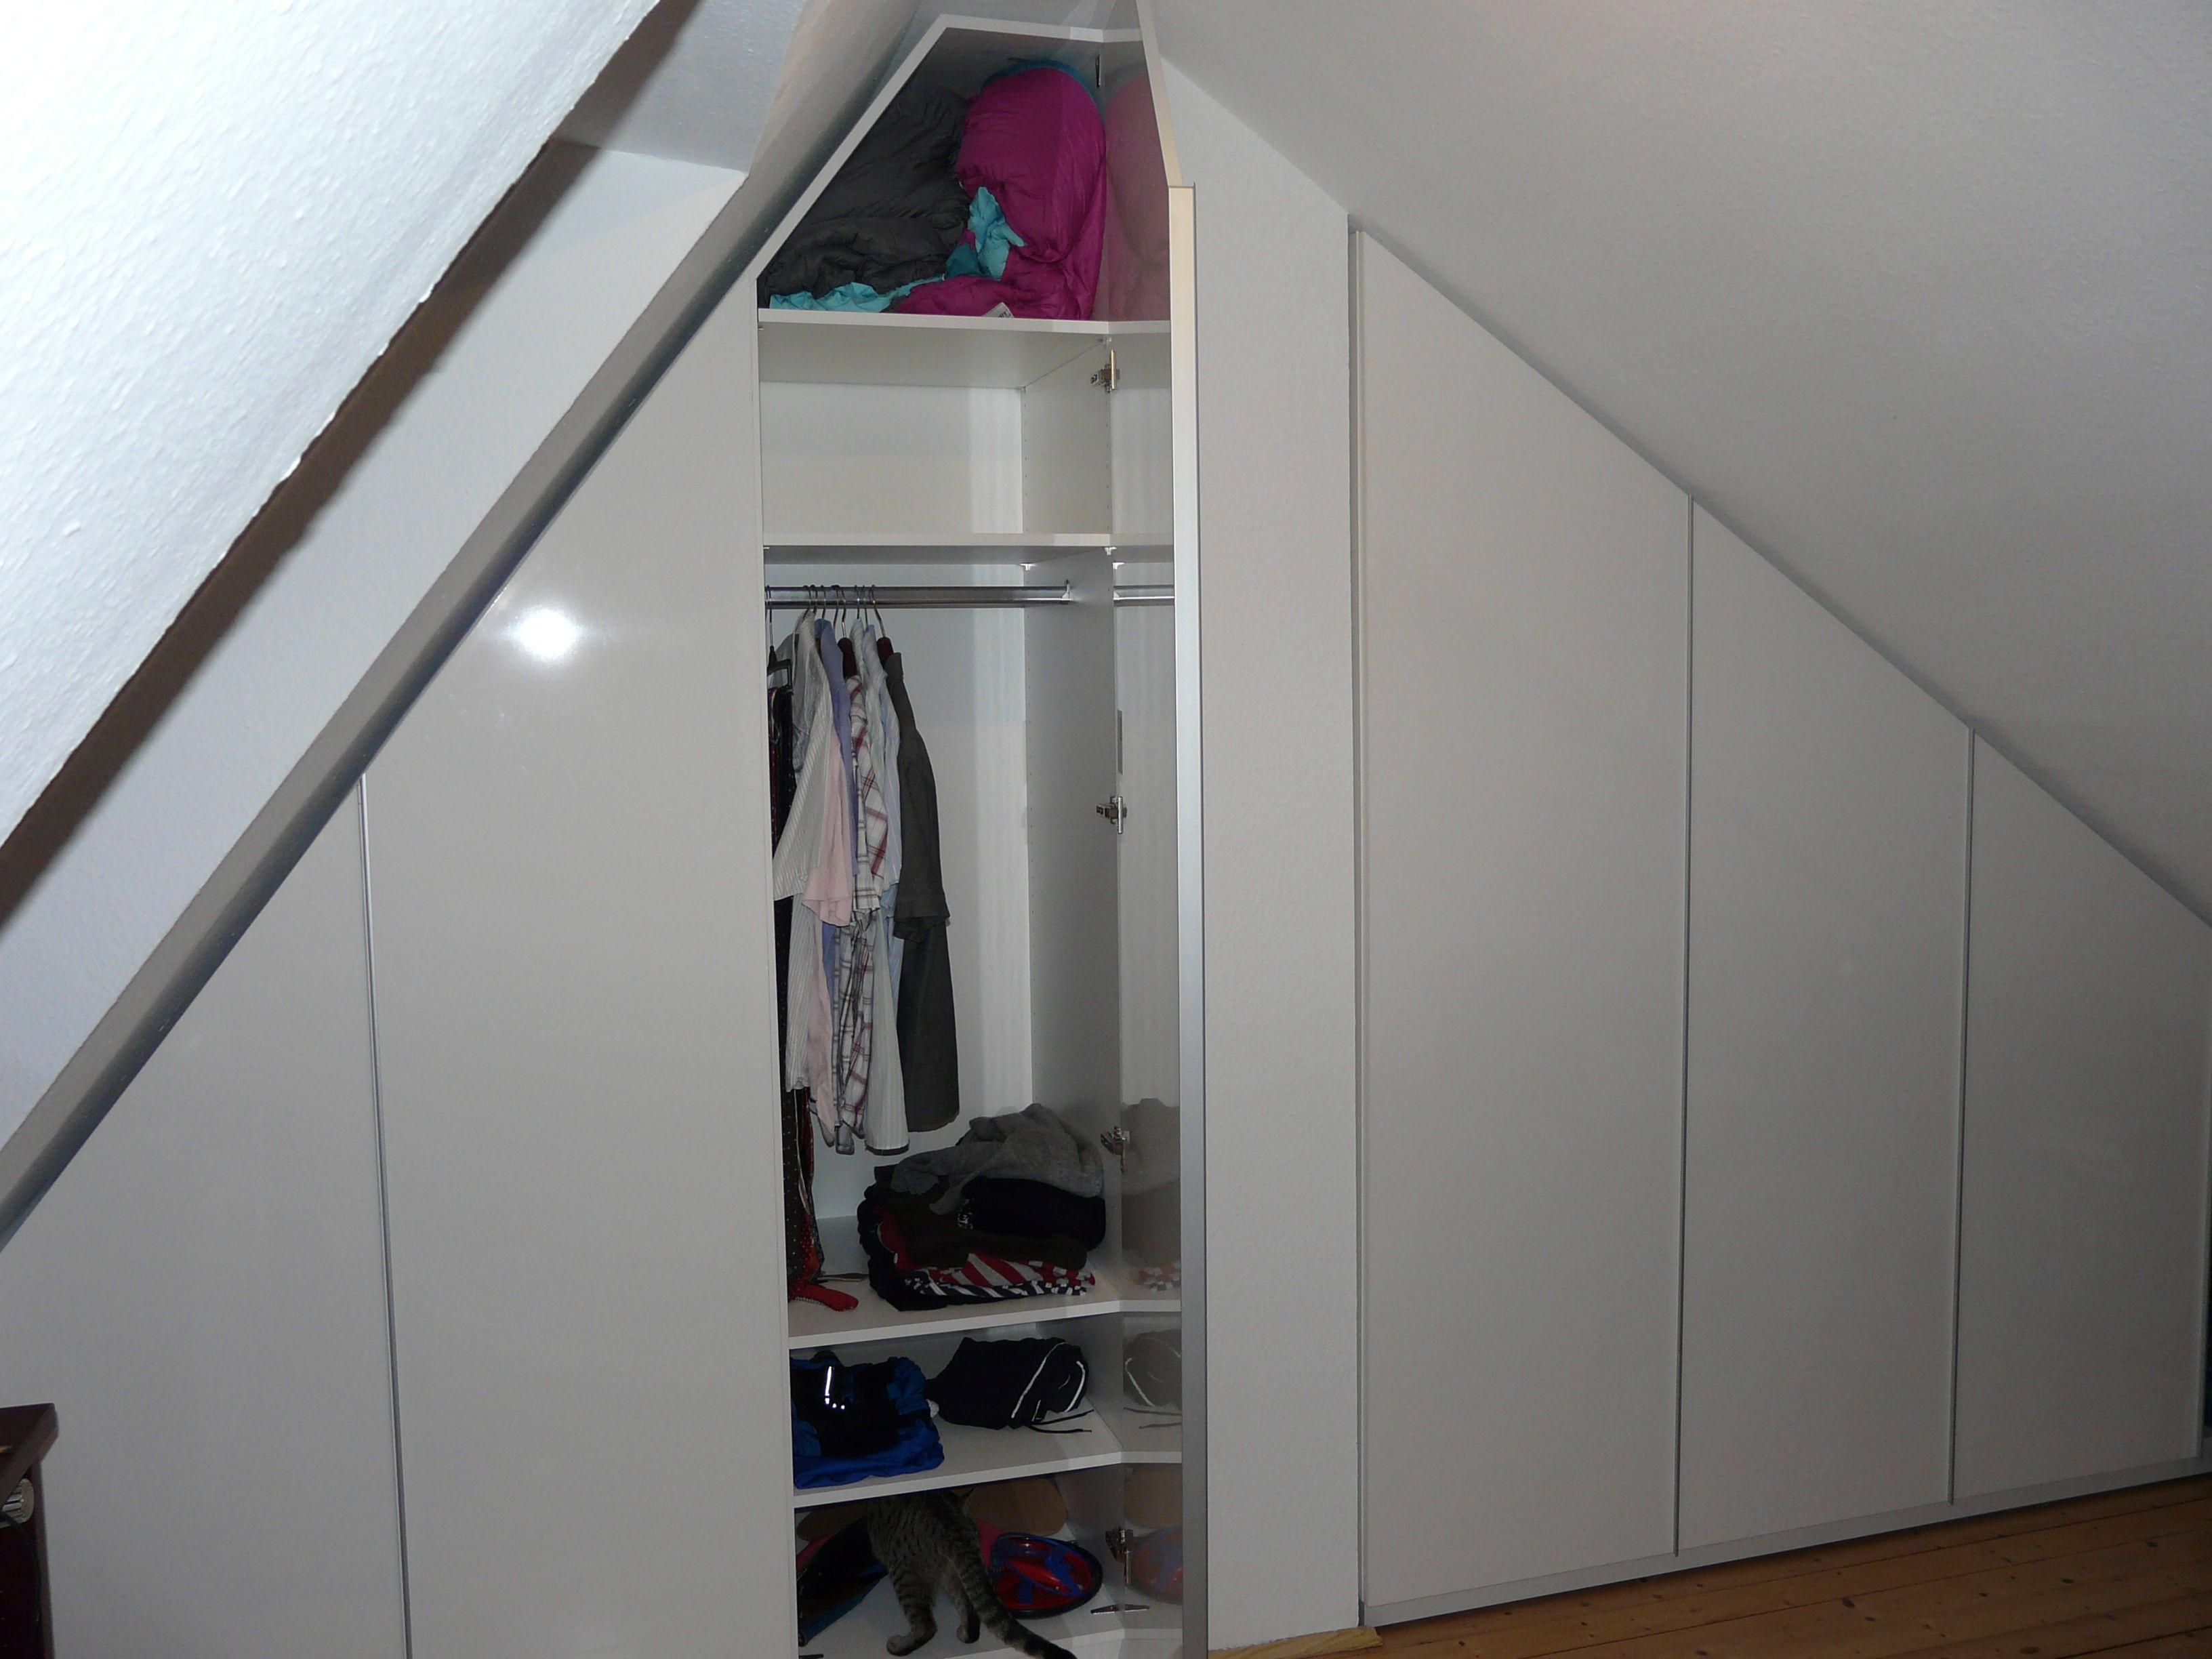 Ikea Kleiderschrank Inneneinrichtung ~ preview | Haus | Pinterest ...